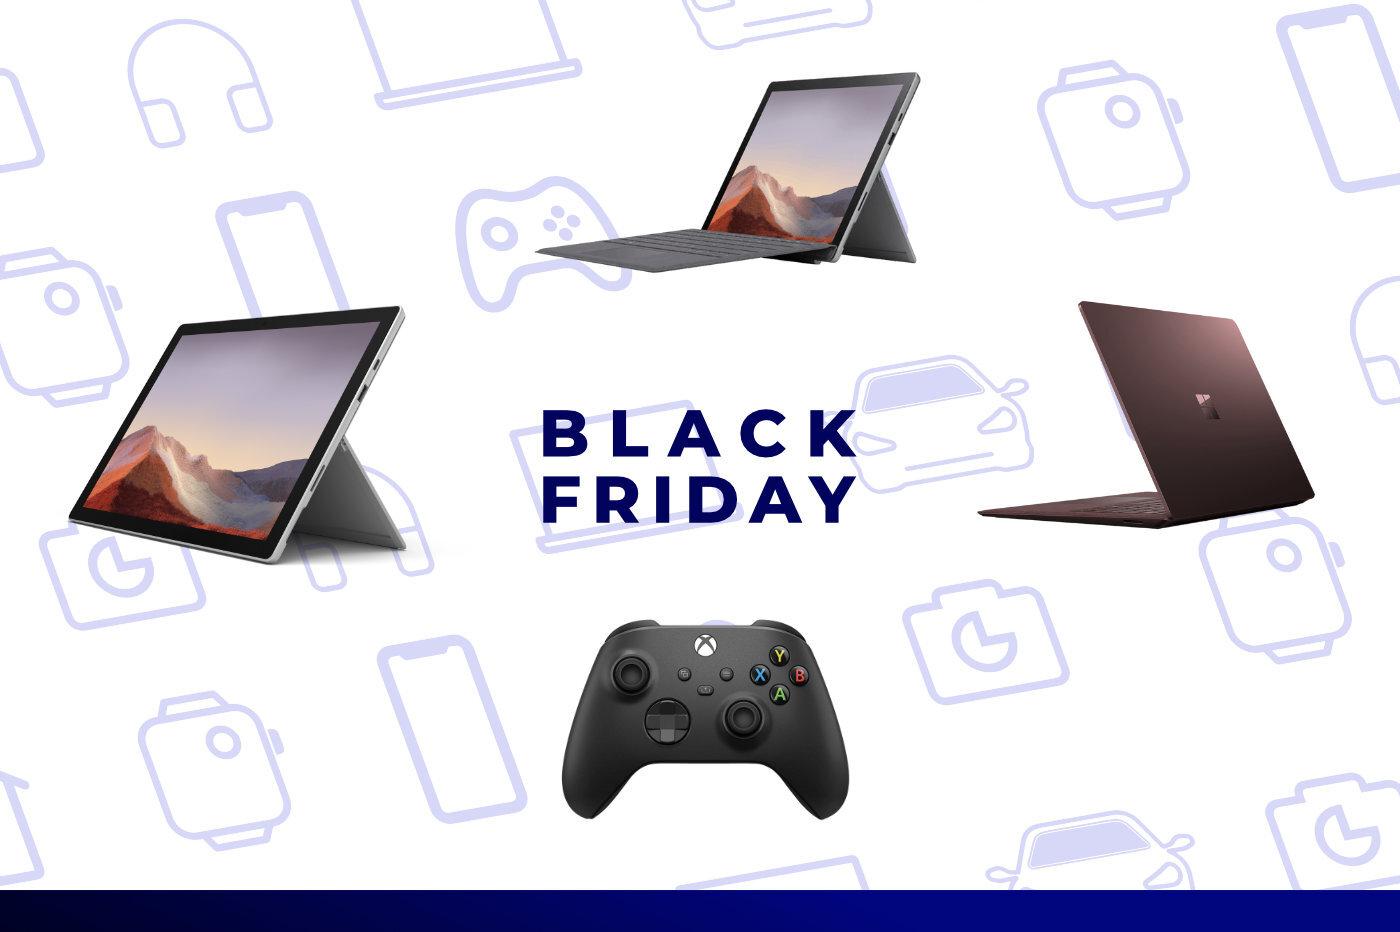 Pour le Black Friday, Microsoft baisse ses prix de plusieurs centaines d'euros sur ses Surface Pro, Go et Laptop